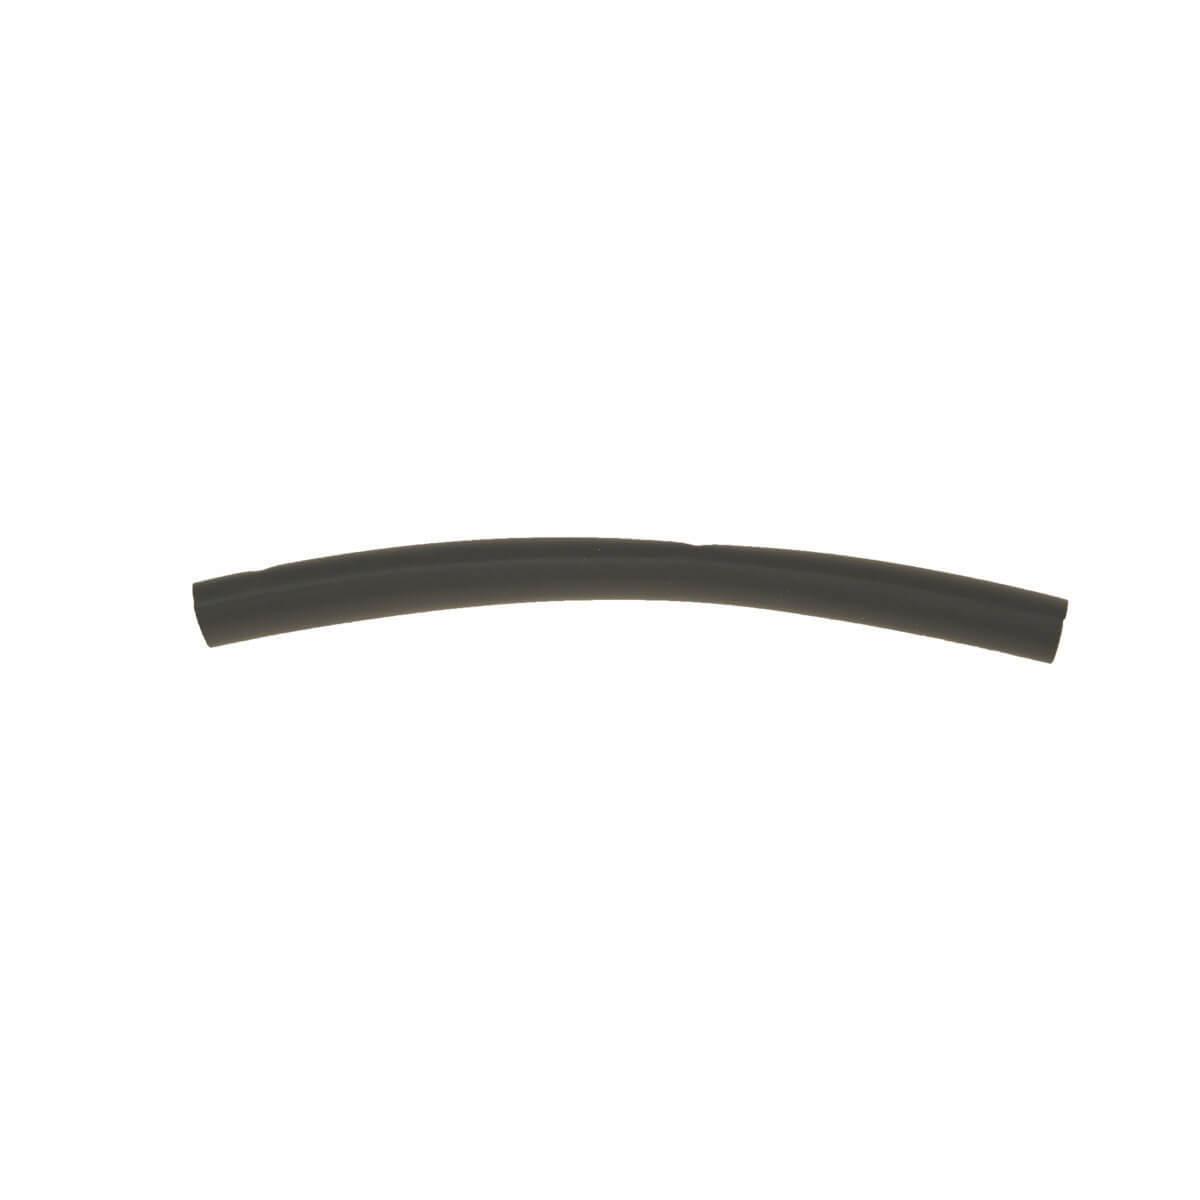 Heatshrink Tubing - Black - 0.375 x 5 - 6 Pack